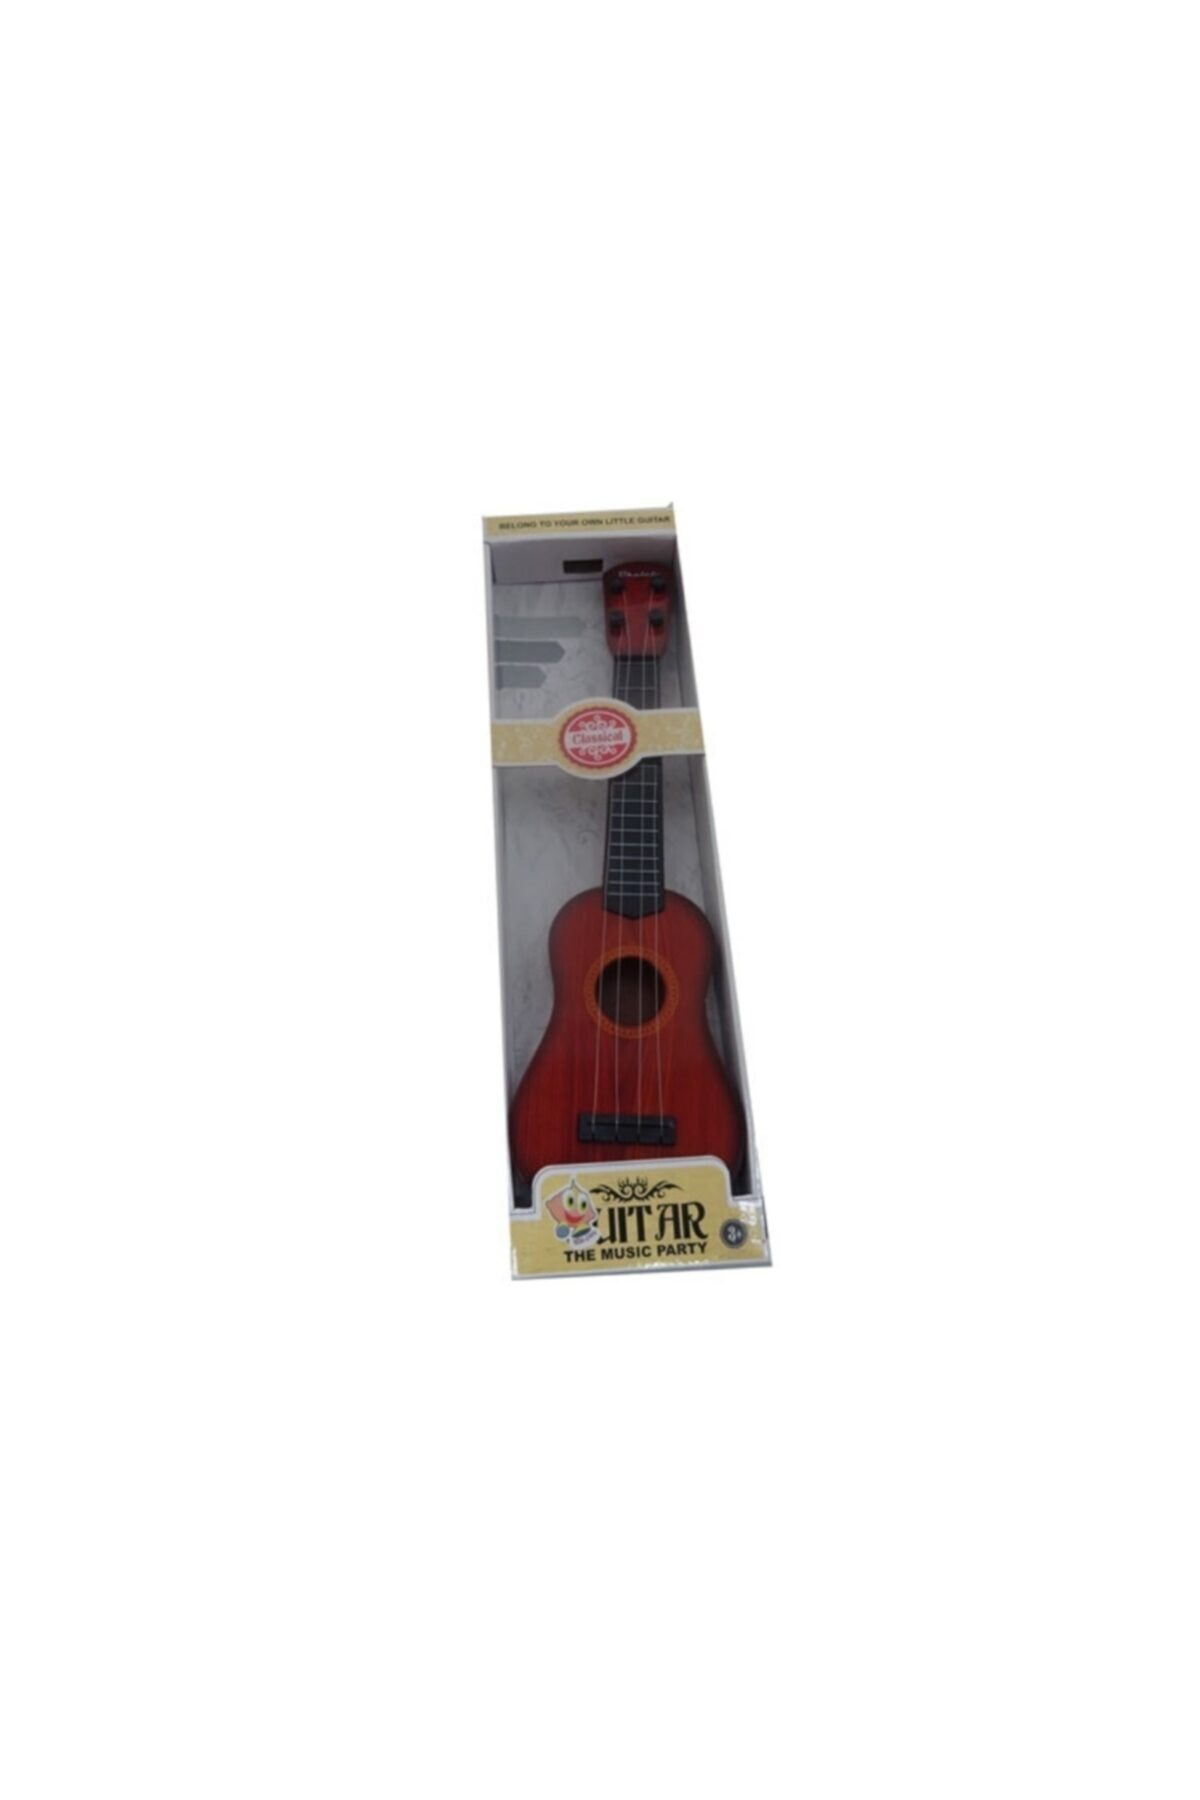 ERBAY Oyuncak Telli Gitar Oyuncak Müzik Aleti Gercekçi Çoçuk Gitar Eğitici Öğretici Ahşap Oyuncak Gitar 1